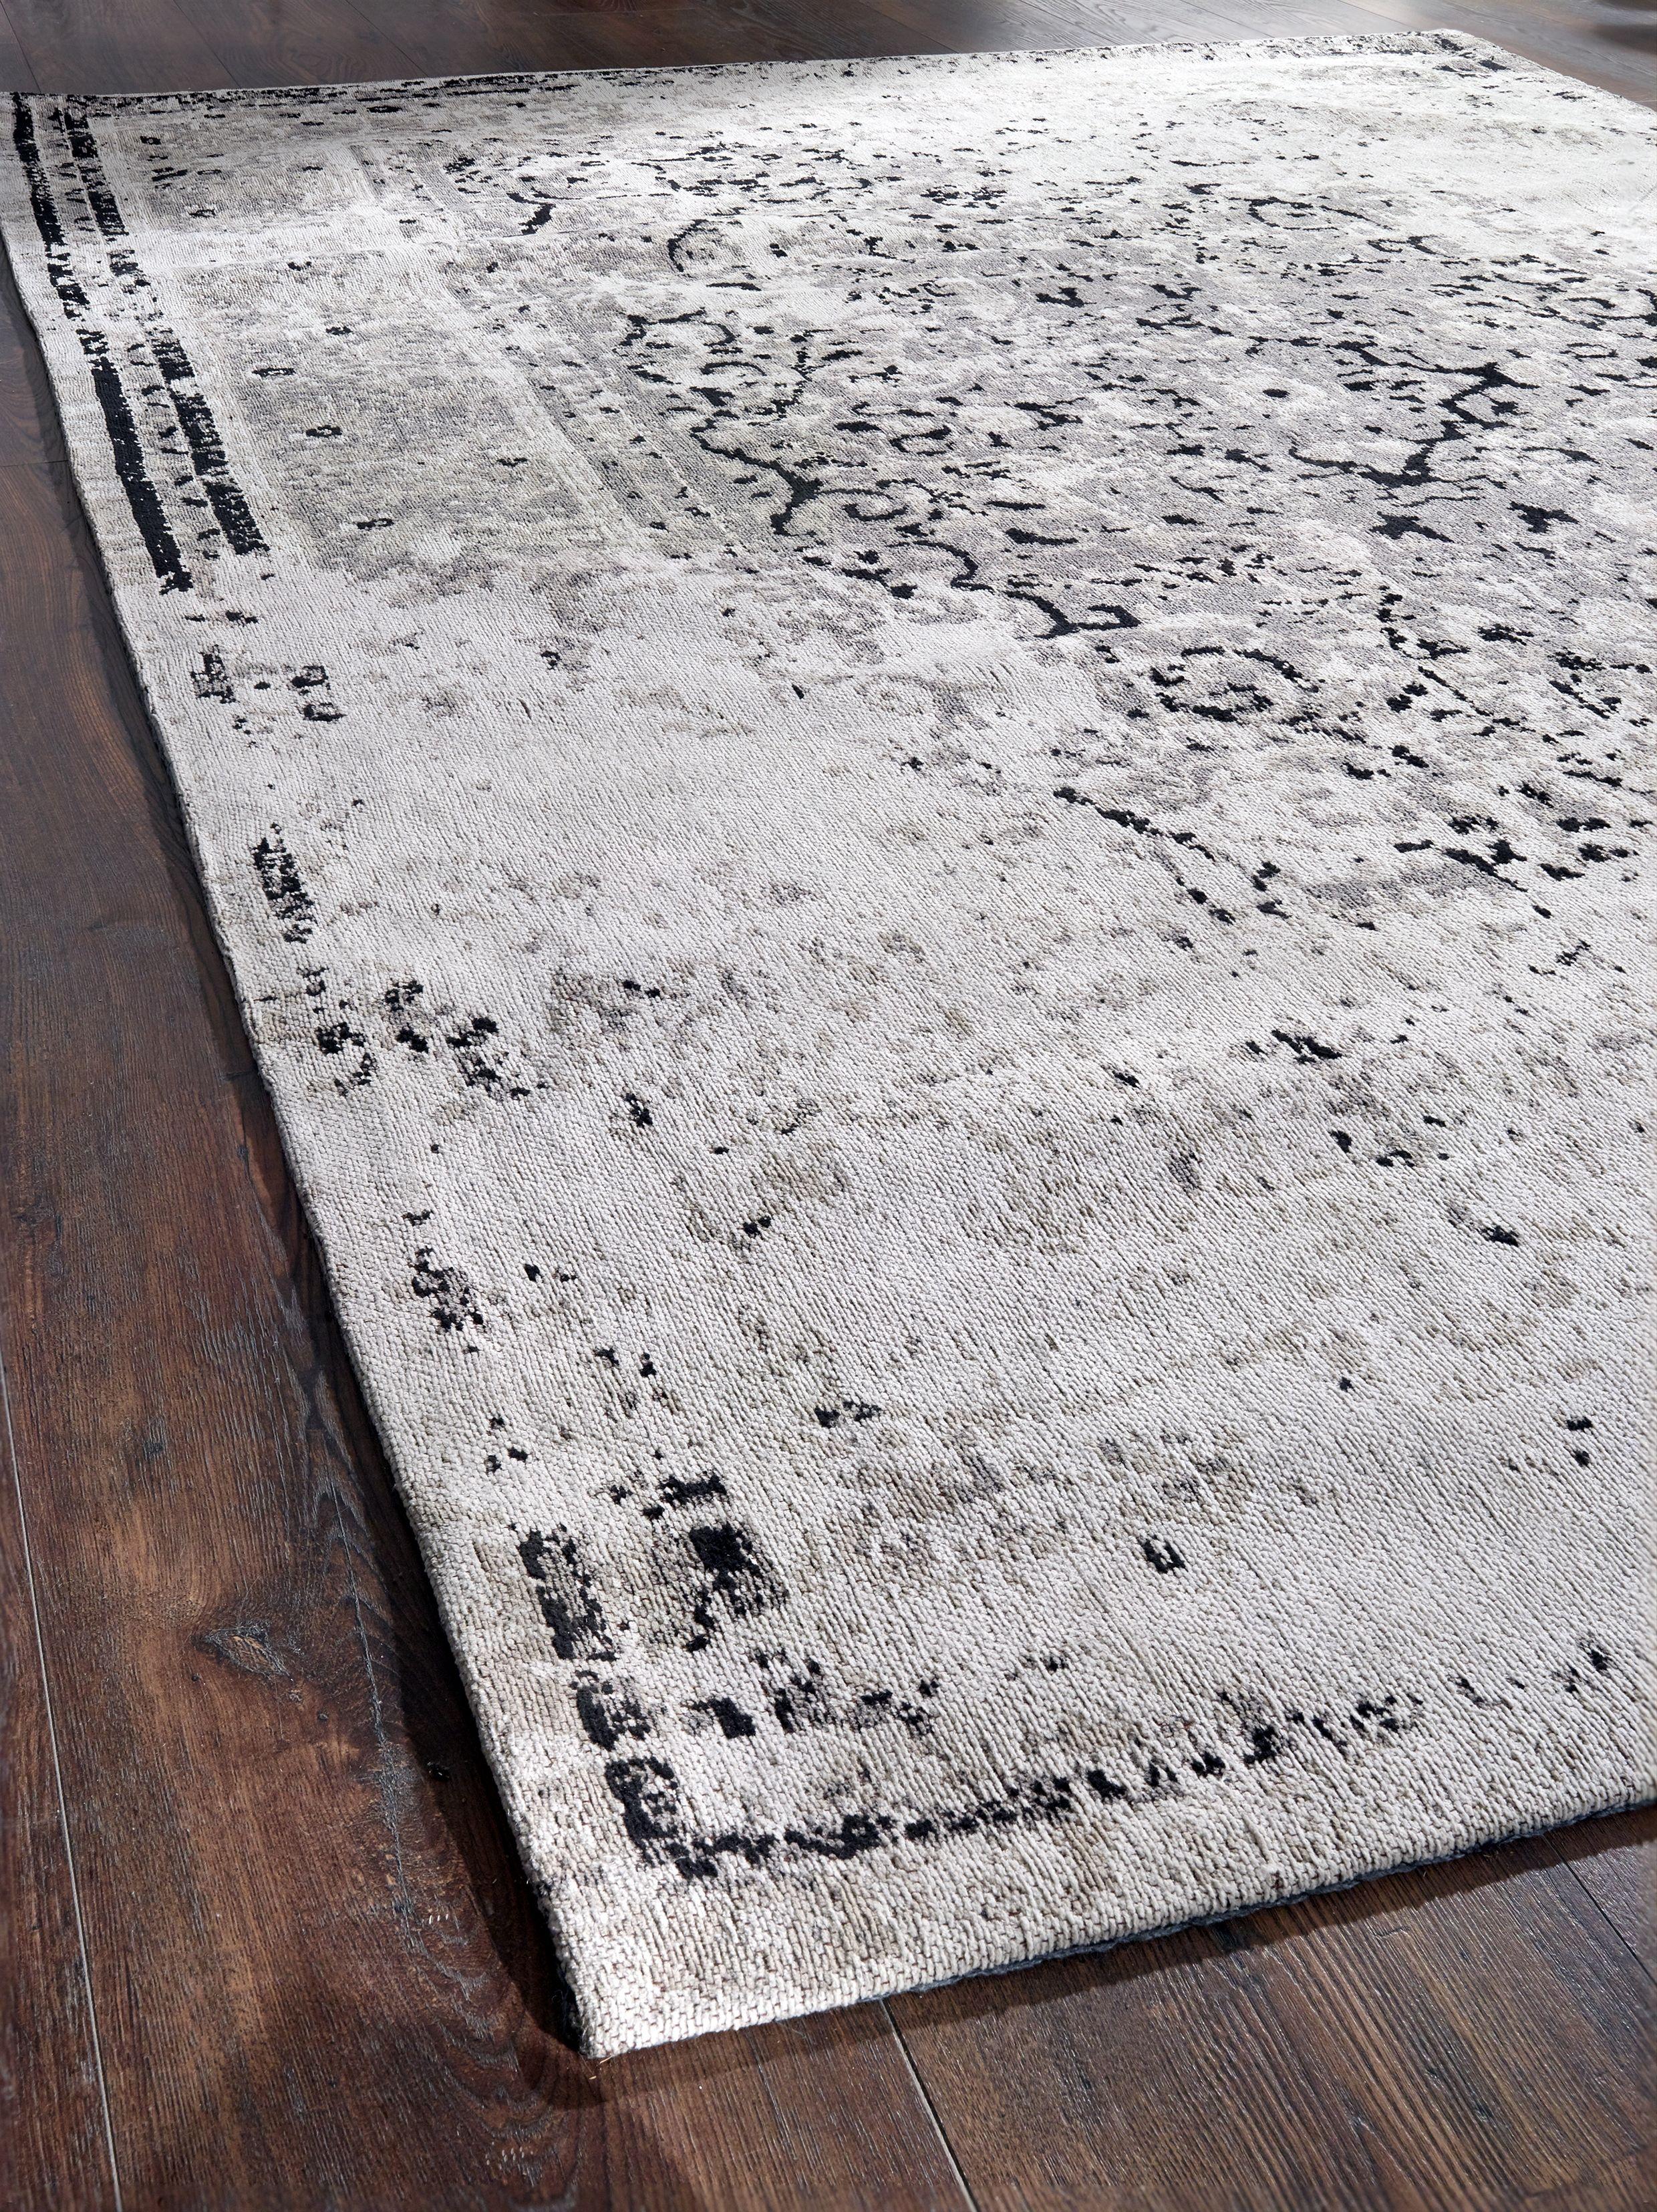 Teppich mit orientalischen Mustern und modernem Touch In herrlichen Farben und wunderbar weich teppich carpet rug wohnzimmer livingroom